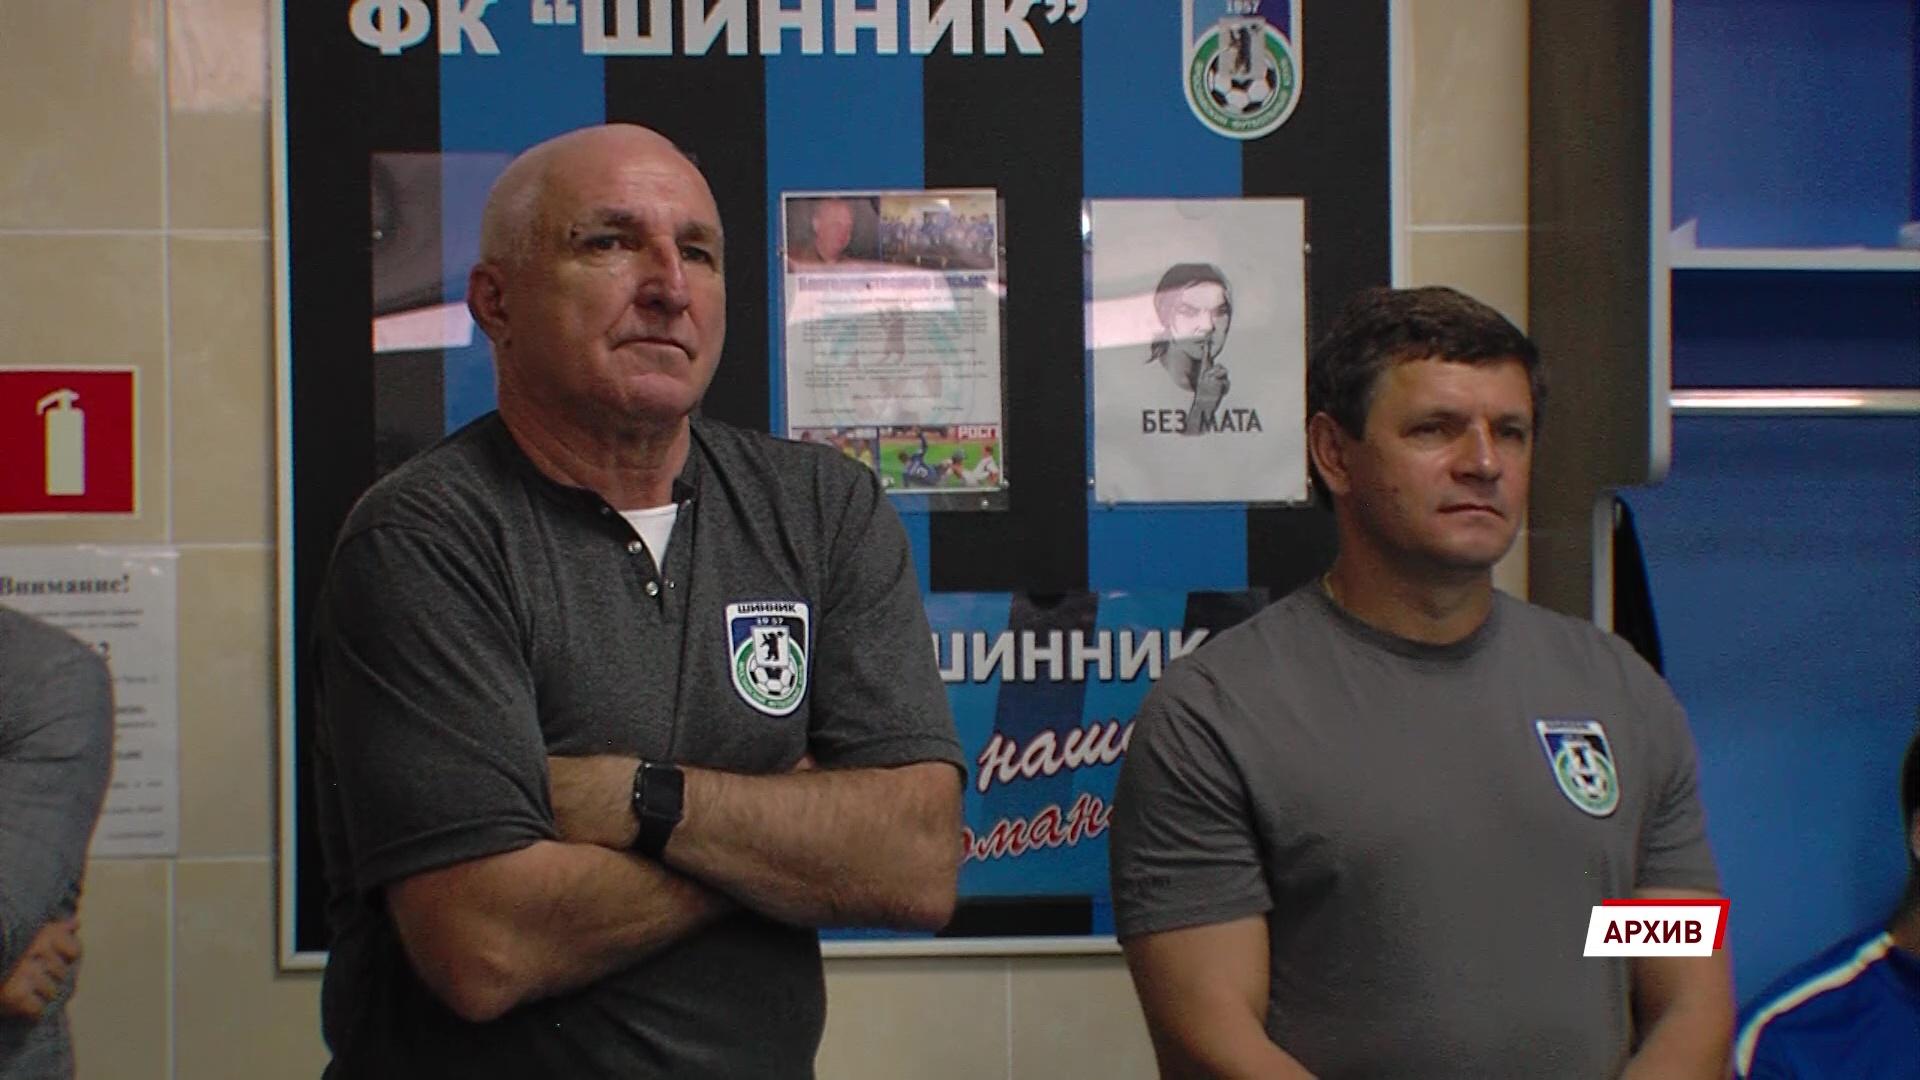 Александру Побегалову исполнилось 64 года